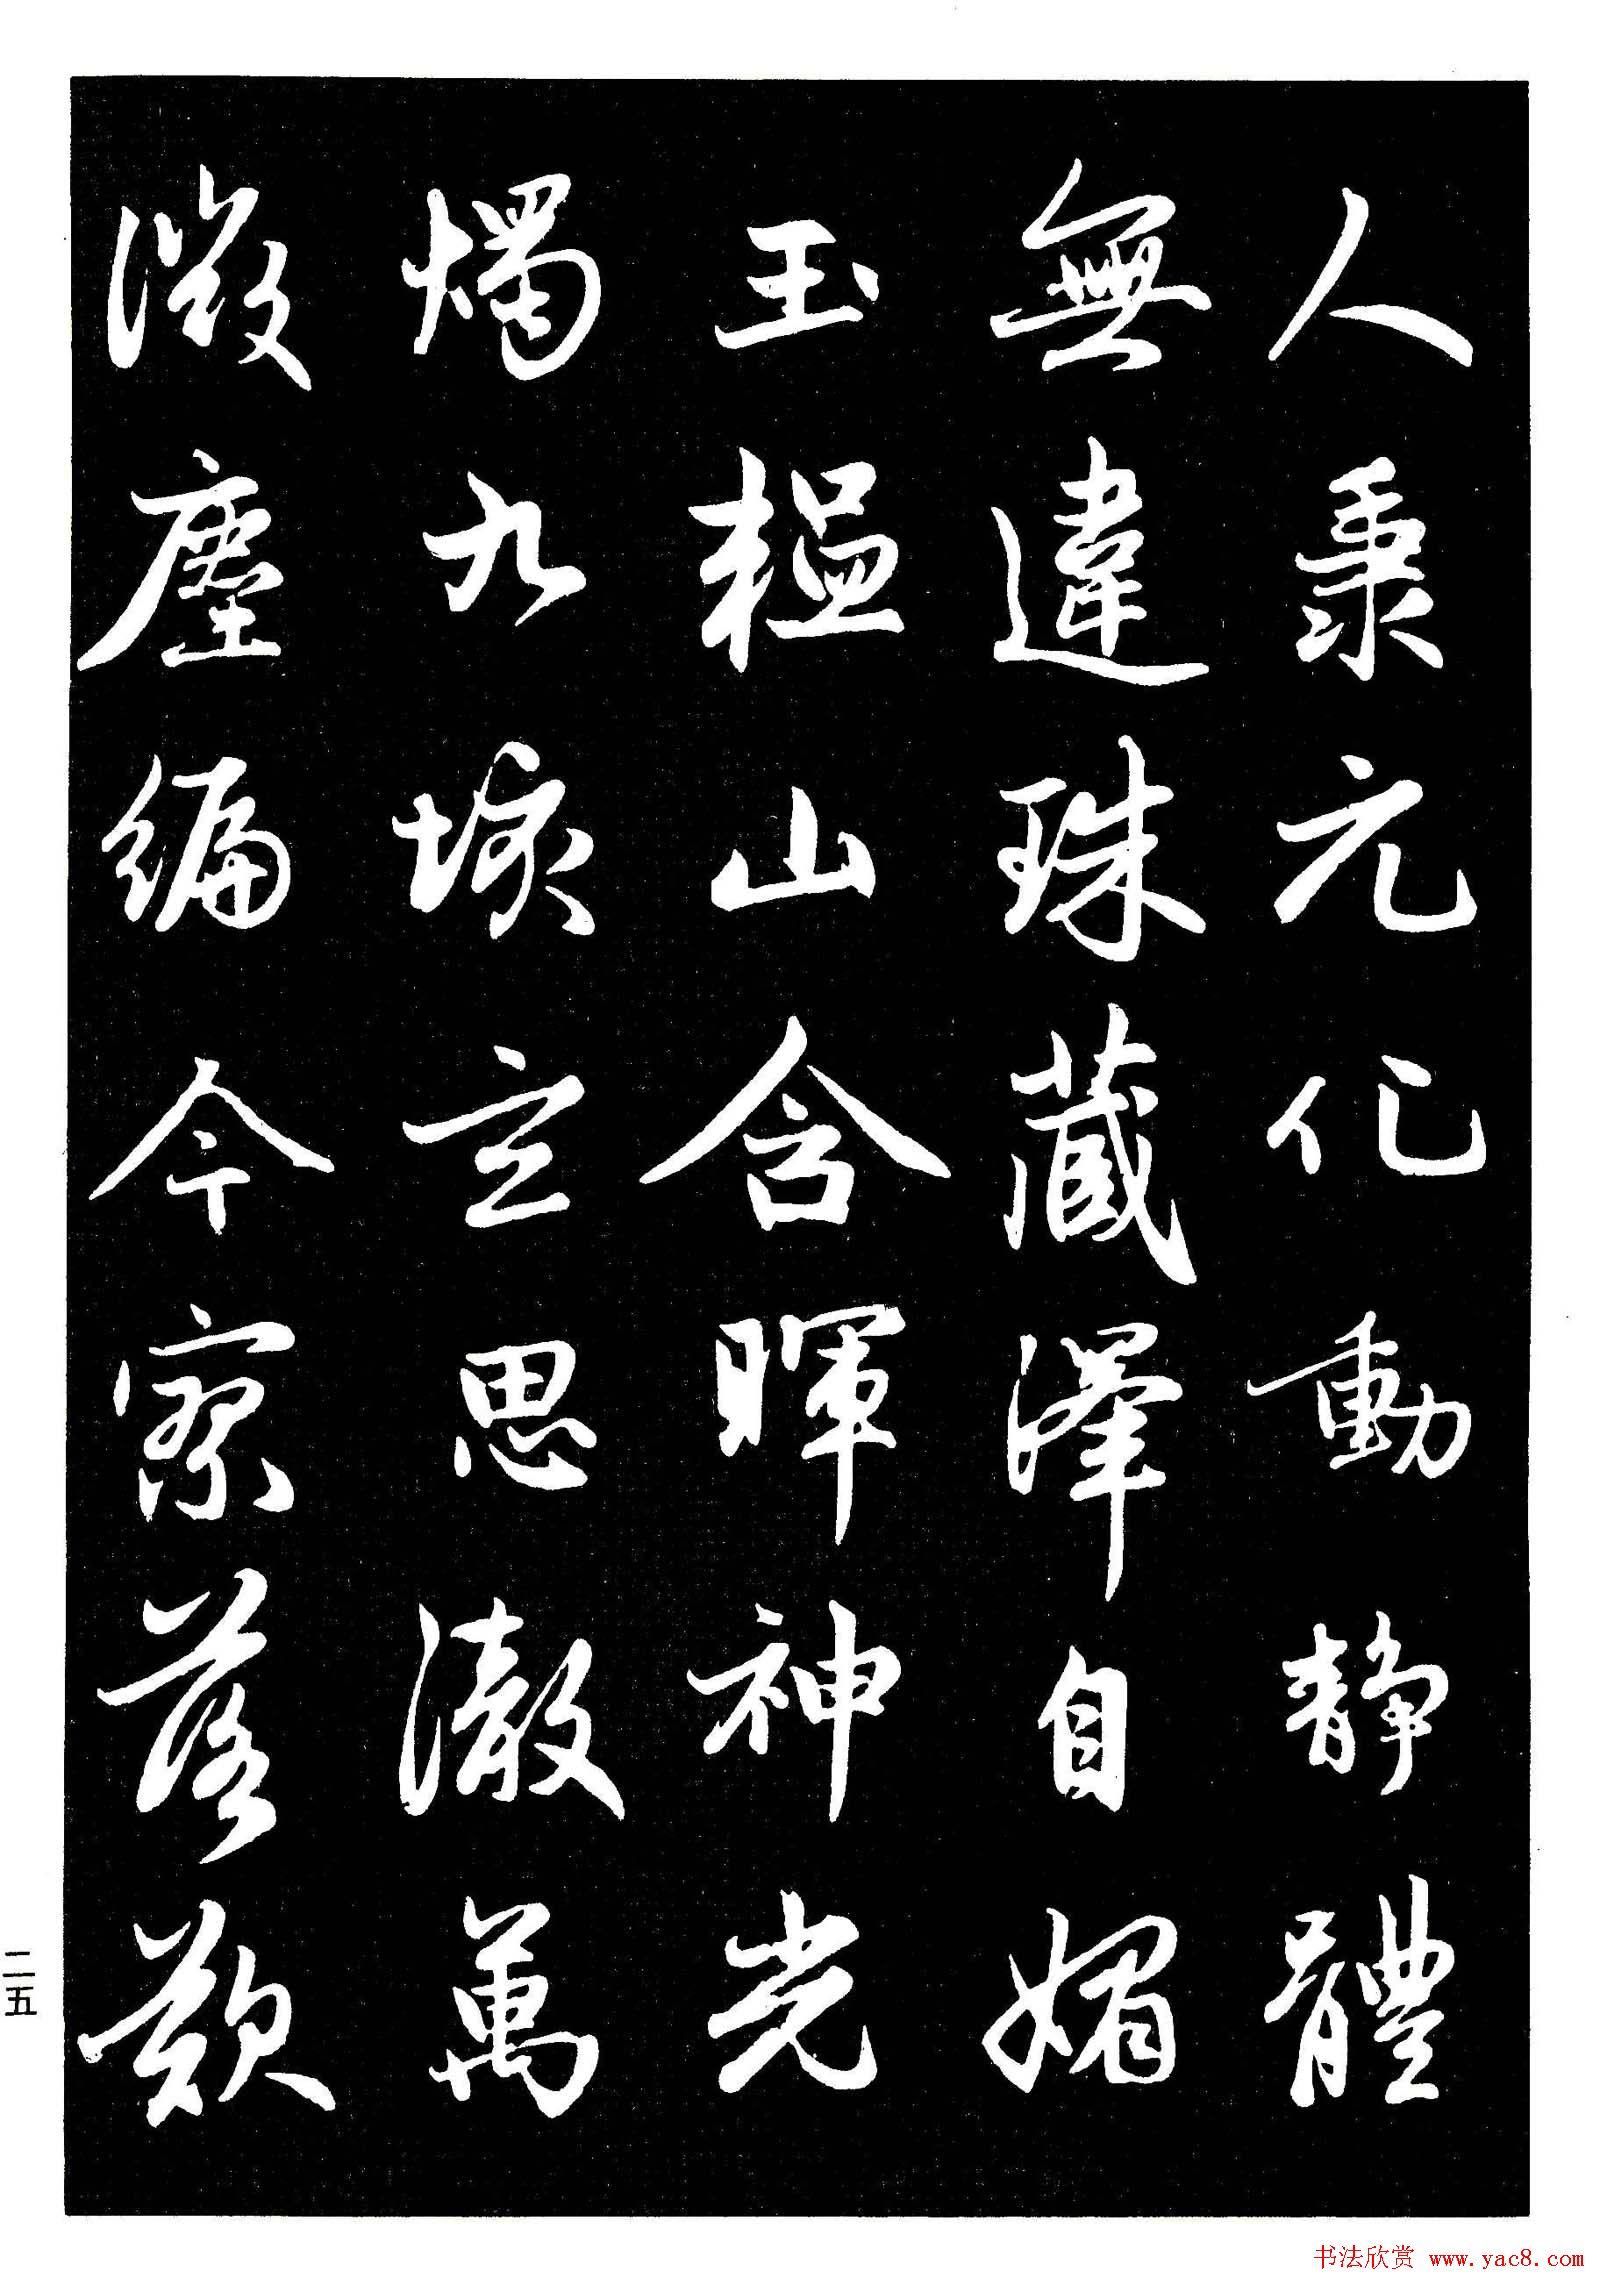 高清晰毛笔字帖欣赏 赵孟頫行书字帖 第26页 行书字帖 书法欣赏图片